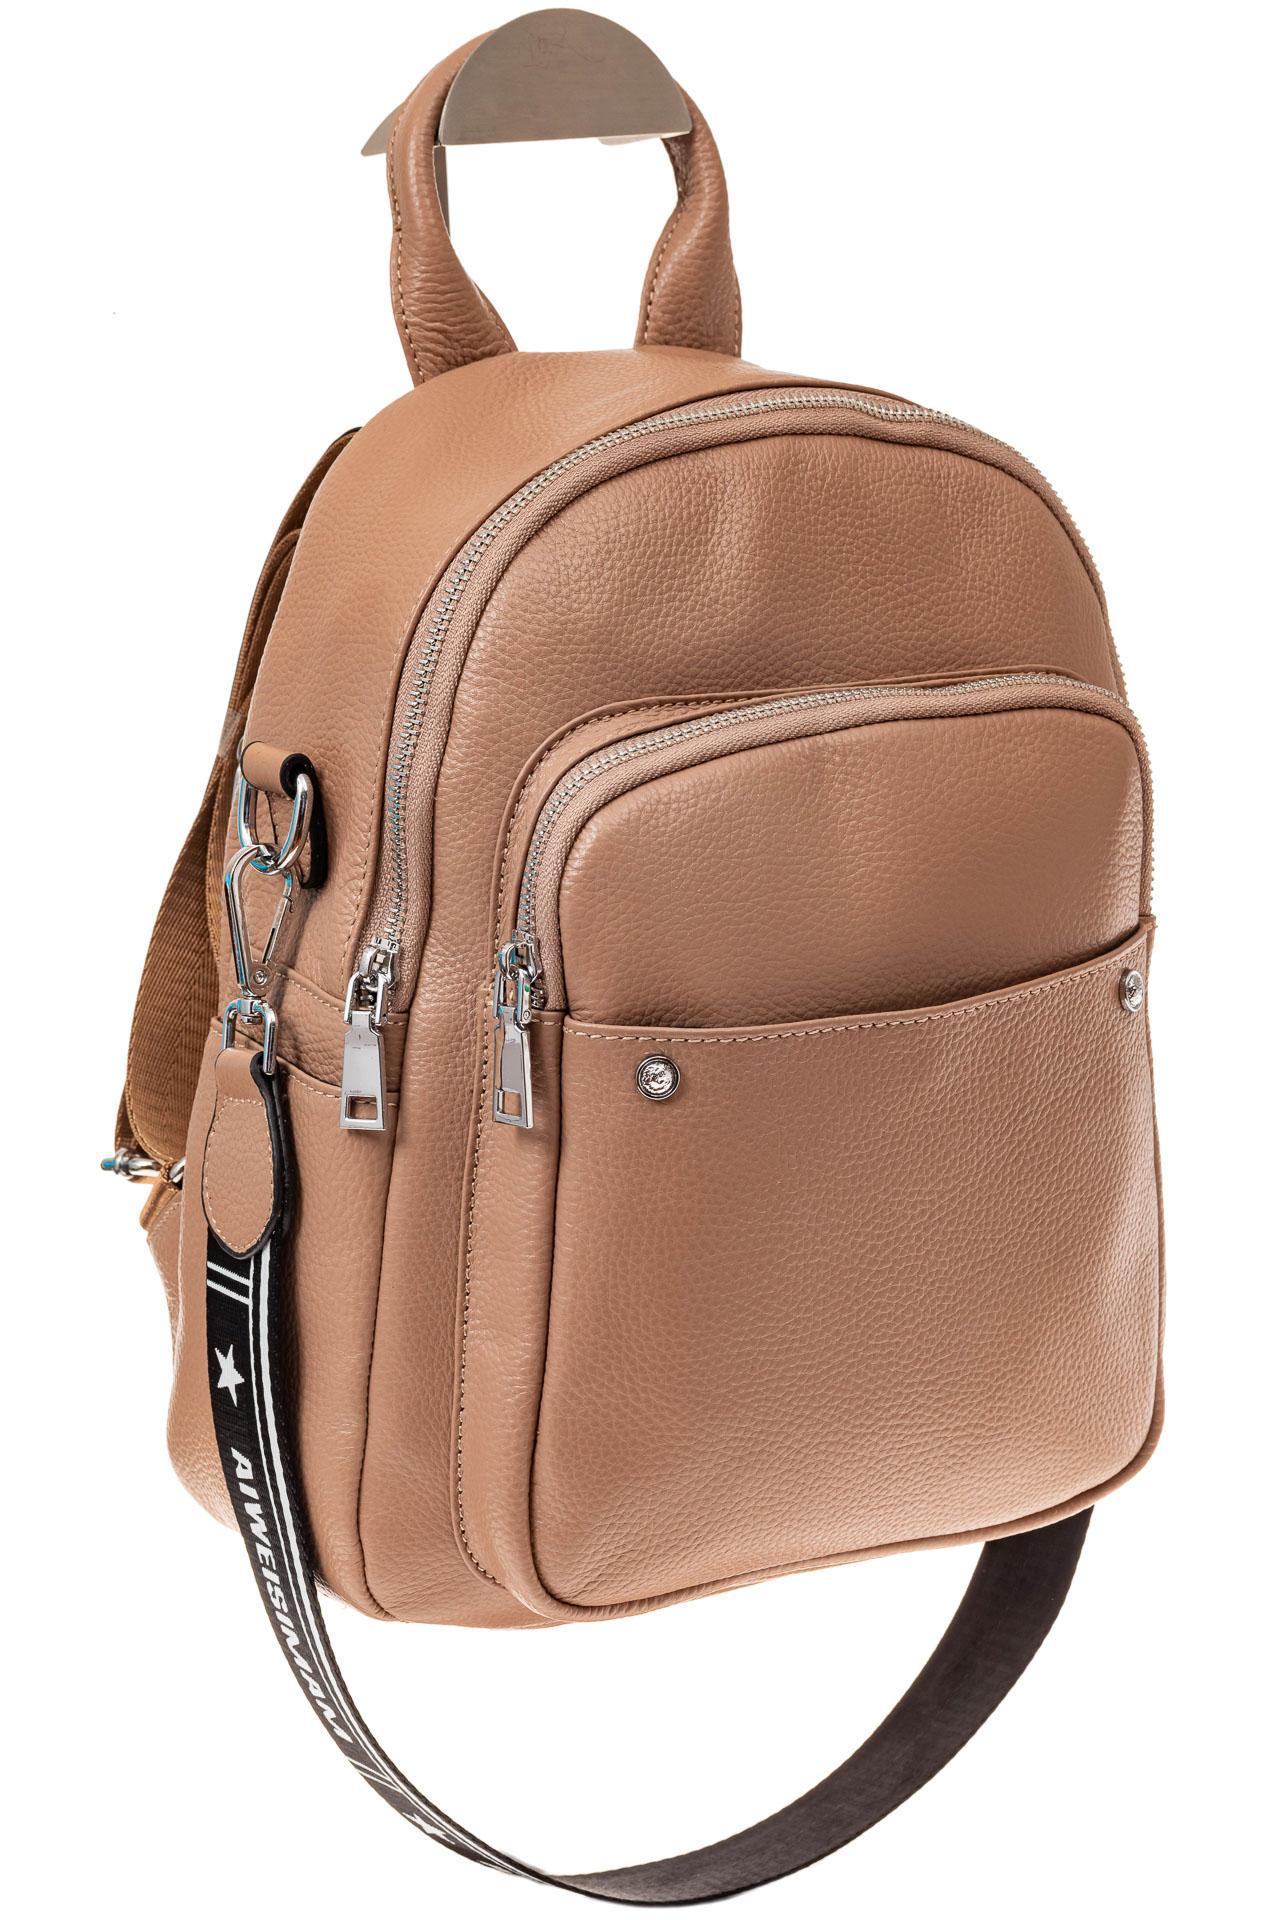 178e7994482d Женские рюкзаки оптом | Купить рюкзачки из натуральной кожи, низкие цены-  страница 4